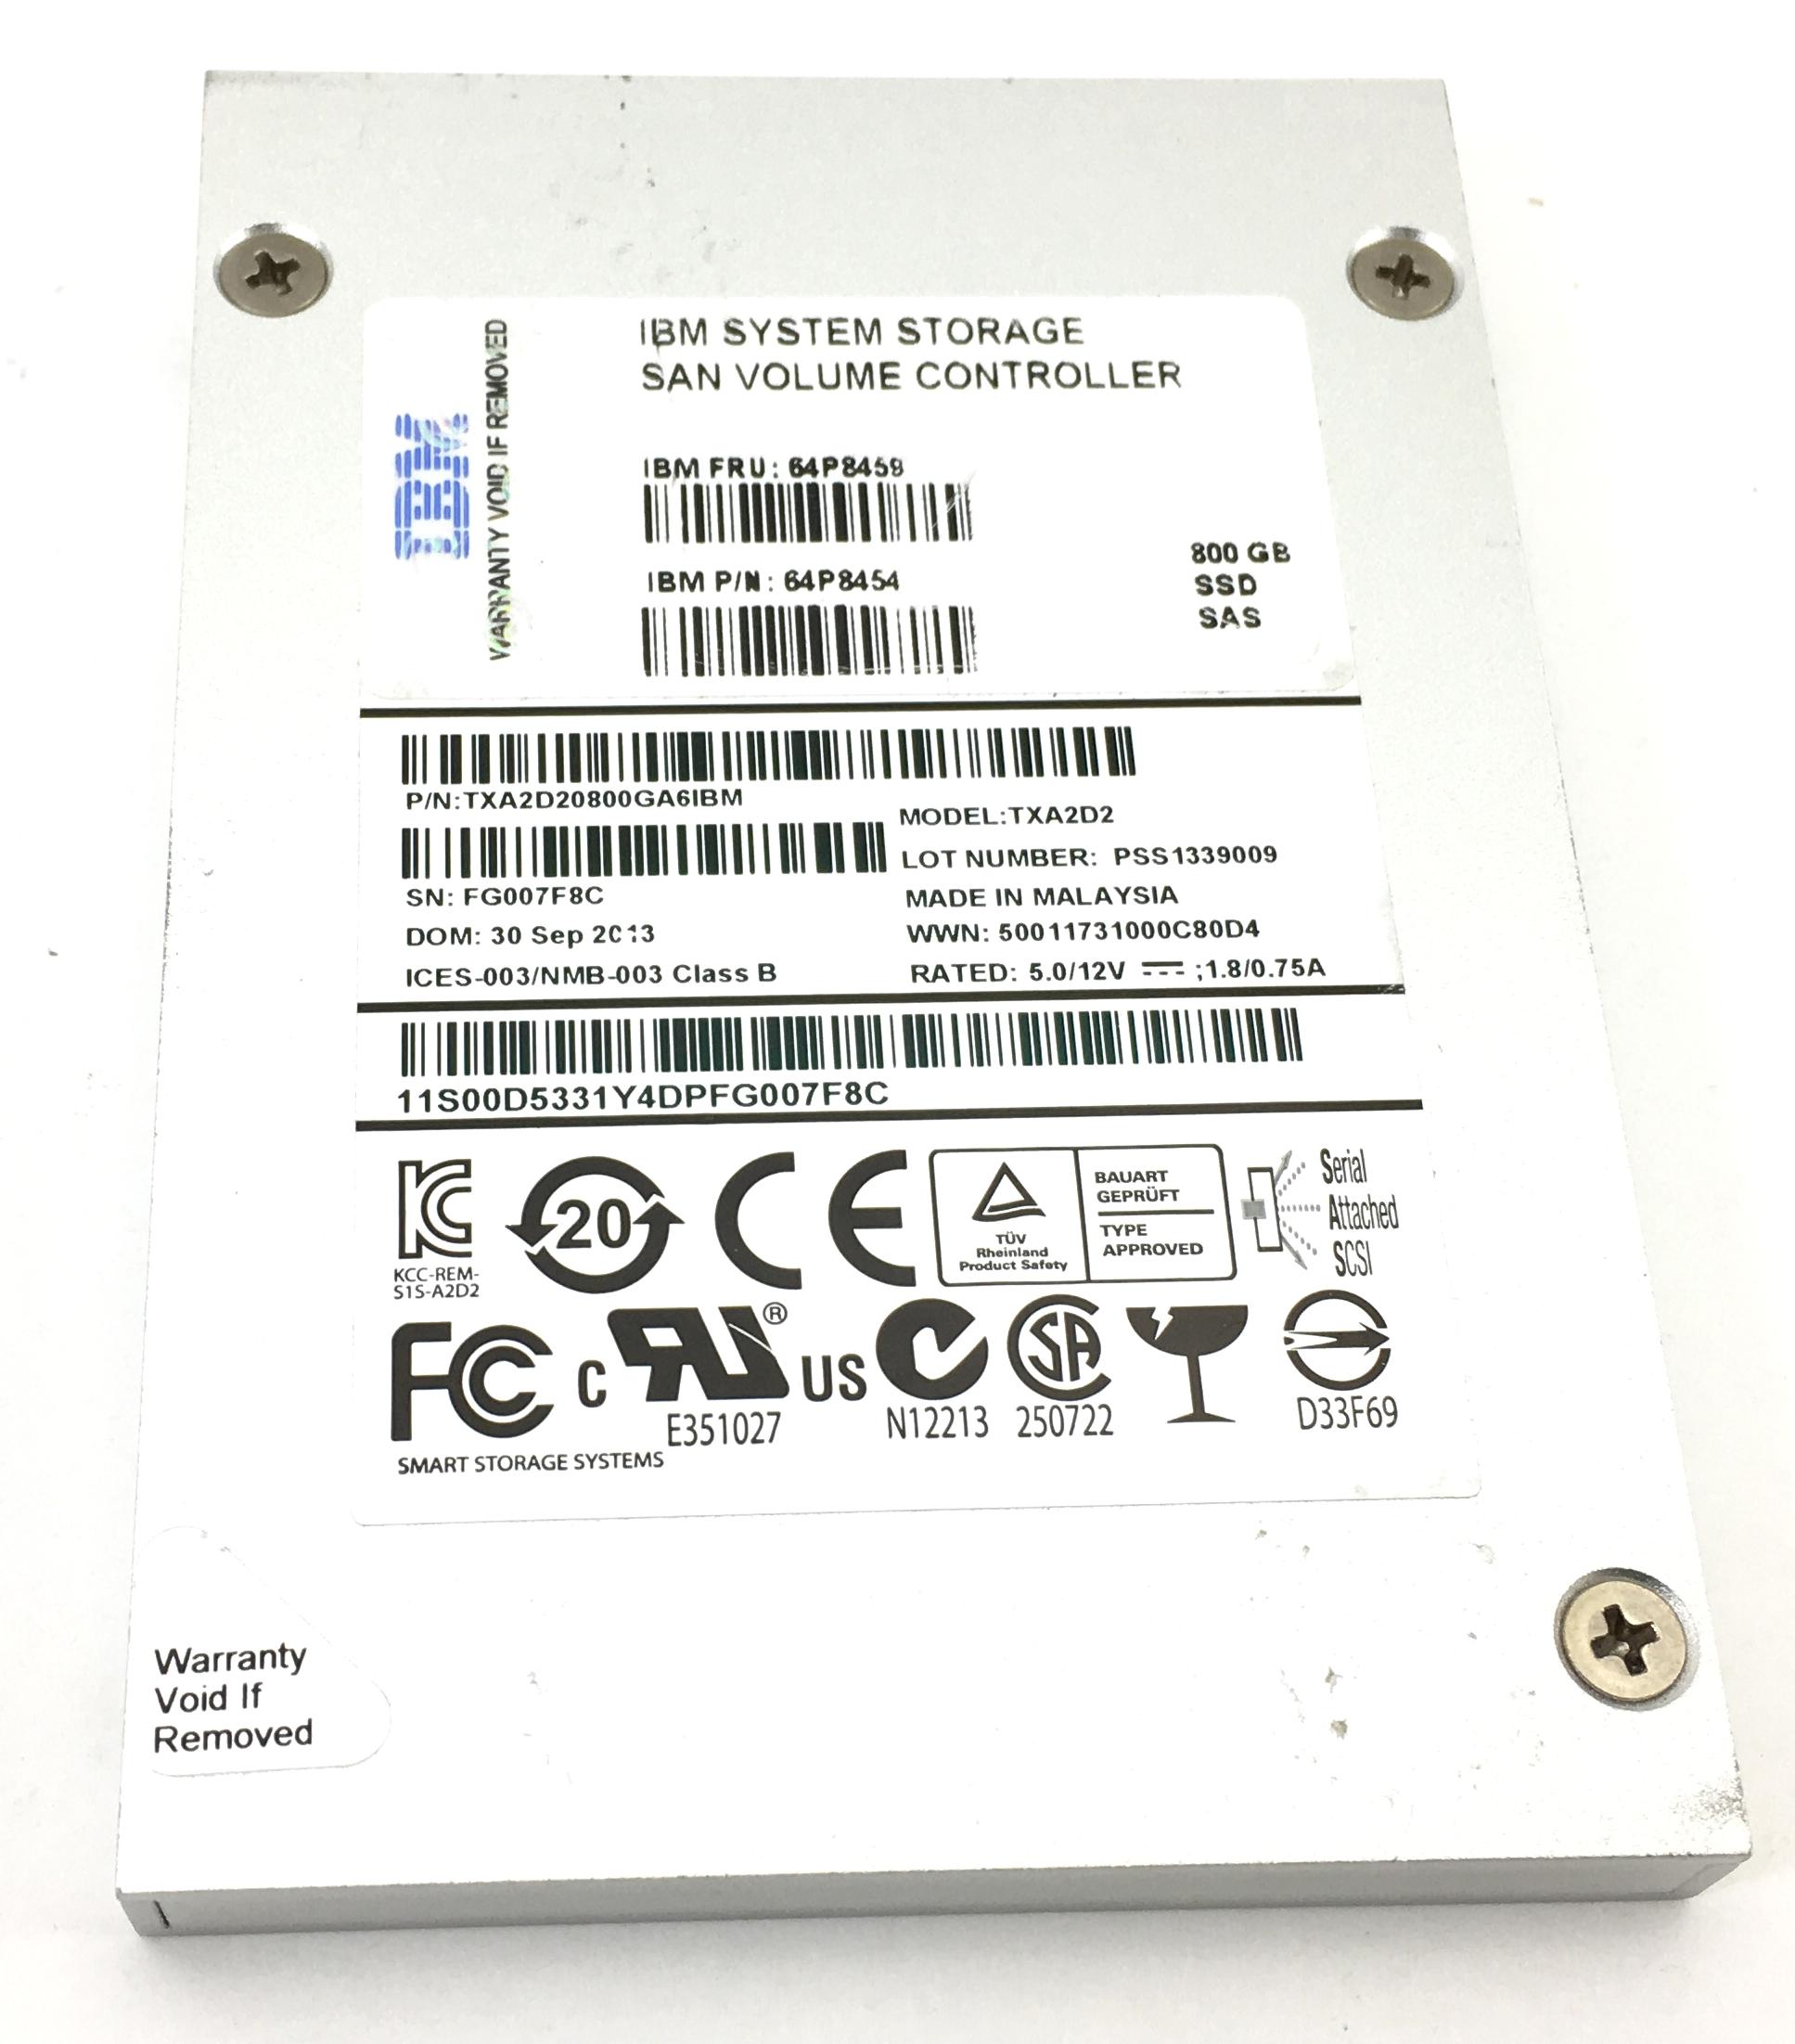 IBM Txa2D2 800Gb 6Gbps SAS 2.5'' SSD Solid State Drive (64P8459)